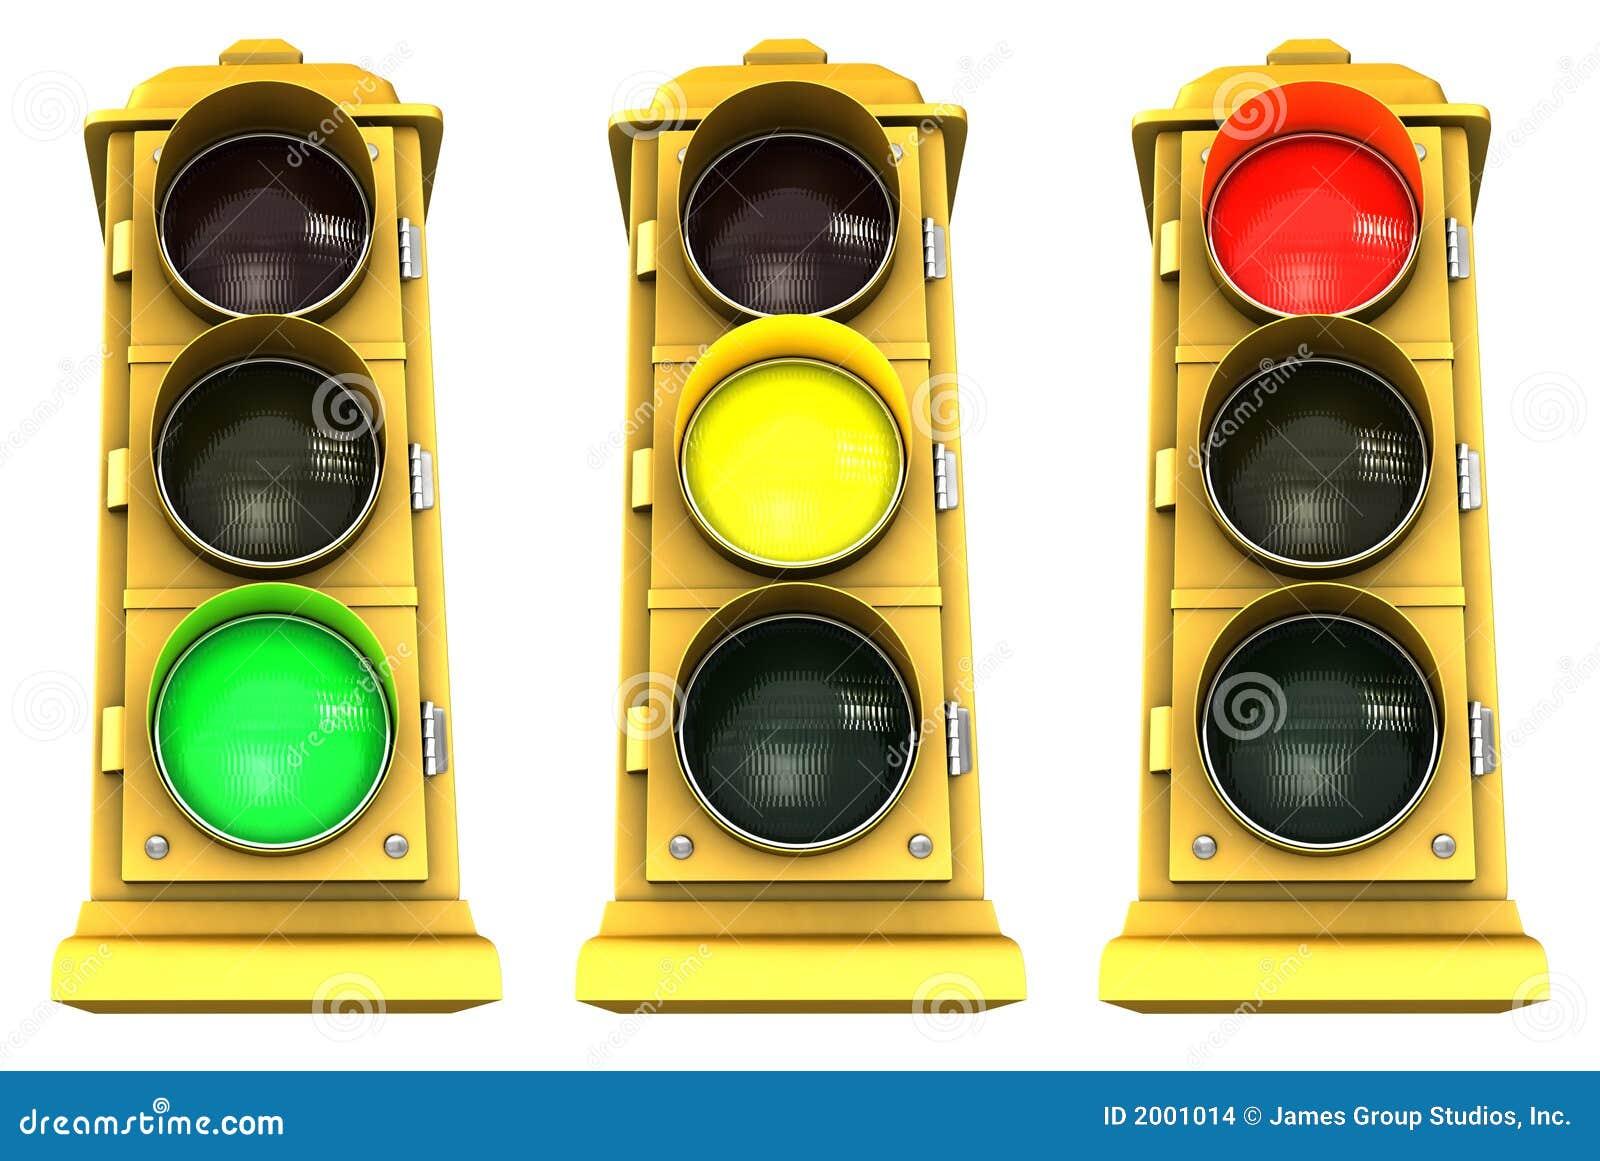 Luz de parada céntrica 3 paquetes